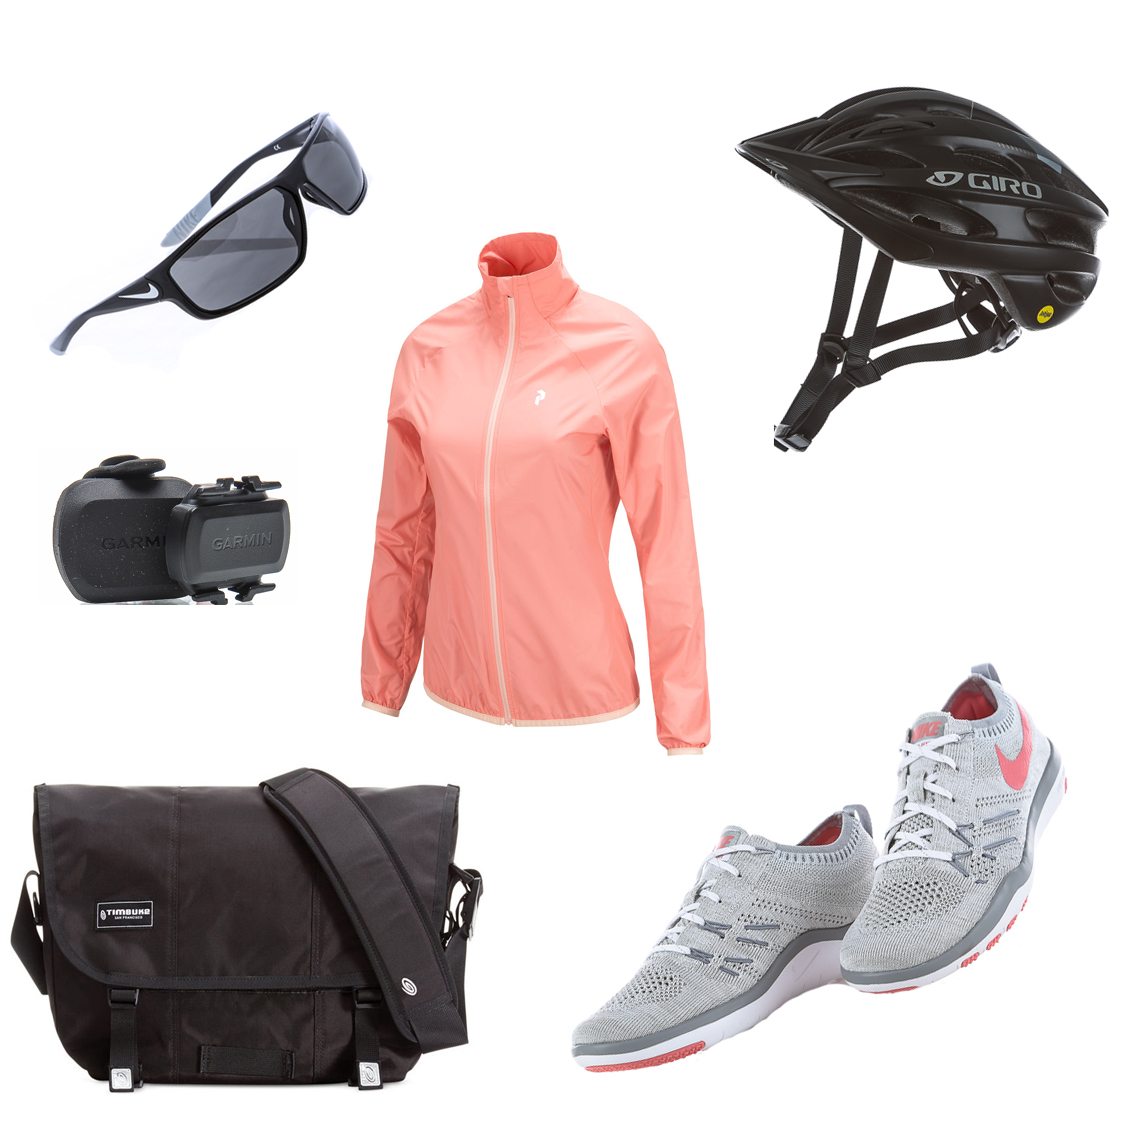 Cykelutrustning för att cykla till jobbet, cykelhjälm, cykeldator, cykelglasögon, cykelväska